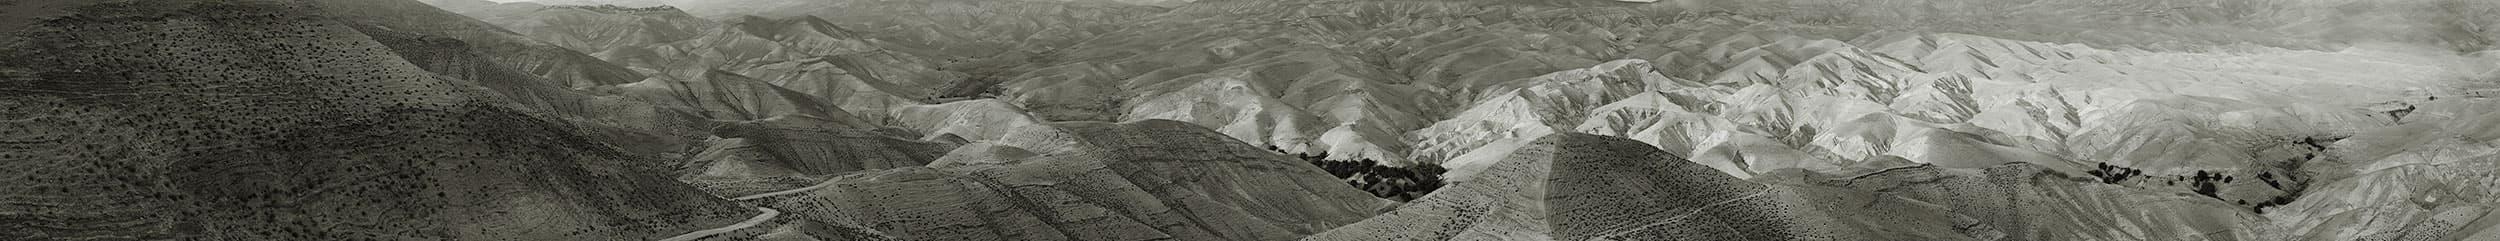 Mitzpe Yeriho Hills